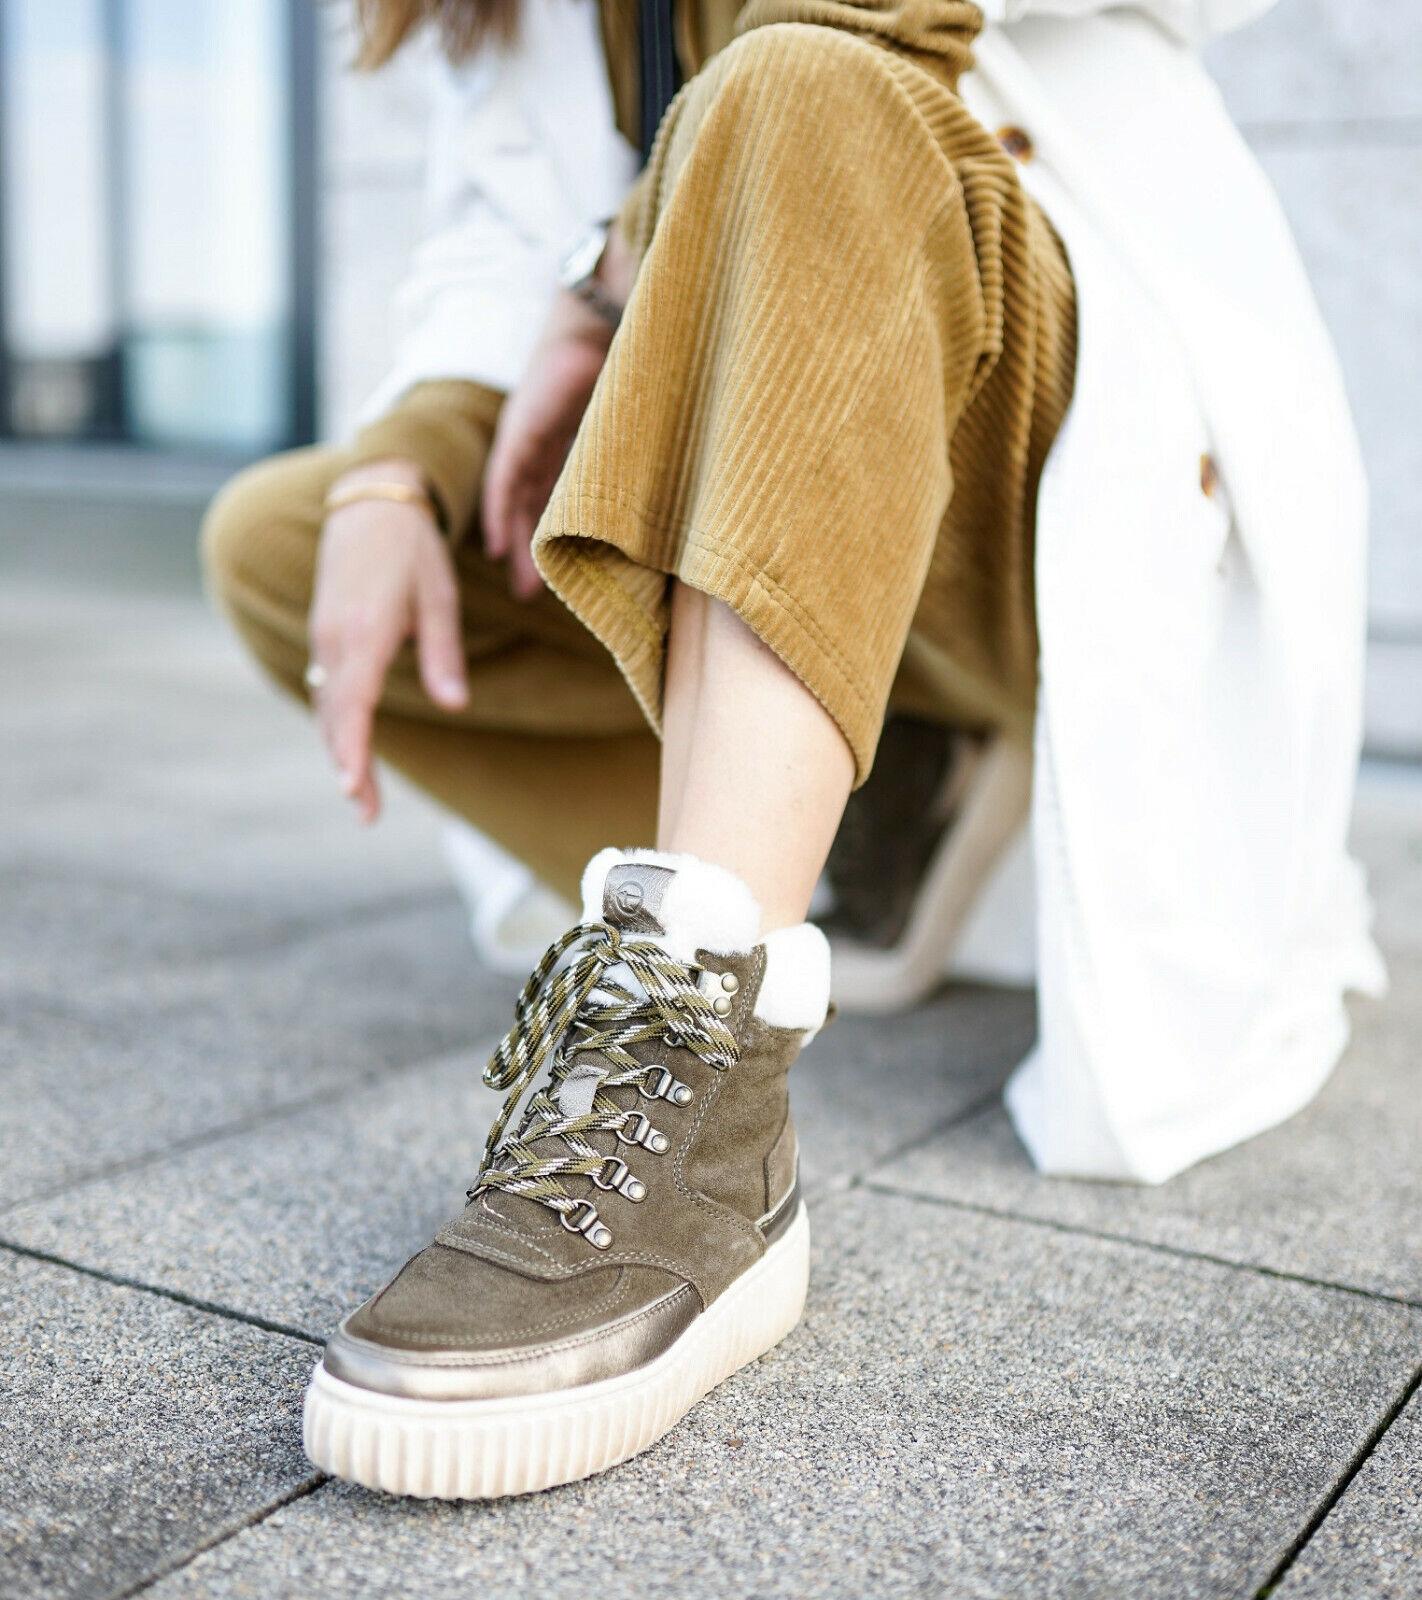 Tamaris Halbschuh Blogger Trend snow Stiefel Stiefeletten derbe Sohle sportlich